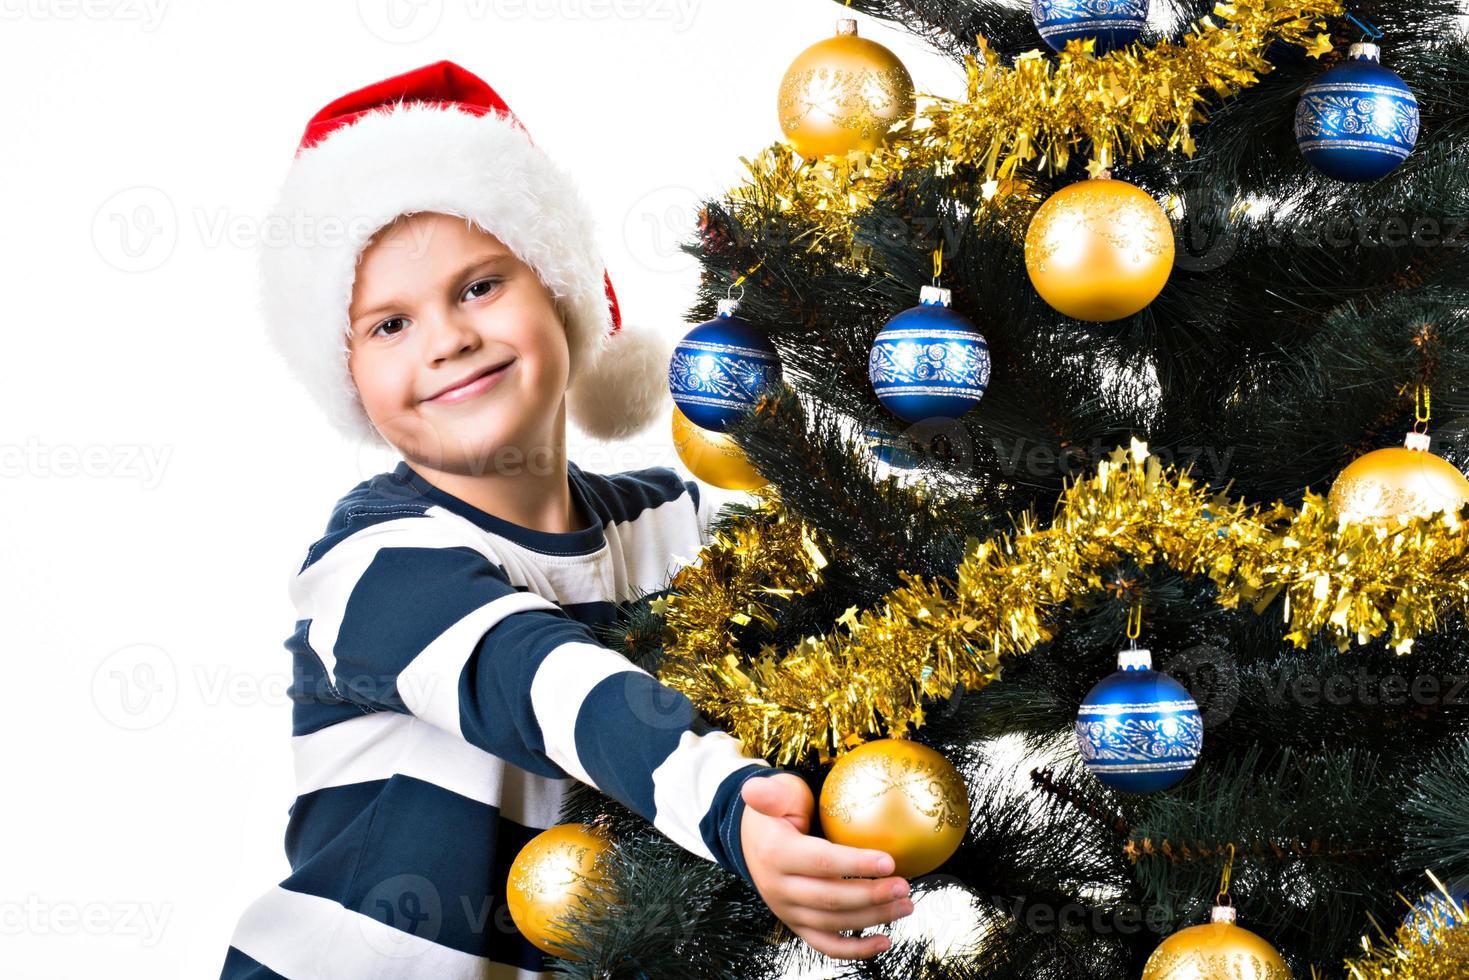 gelukkig kind met cadeau in de buurt van de kerstboom foto